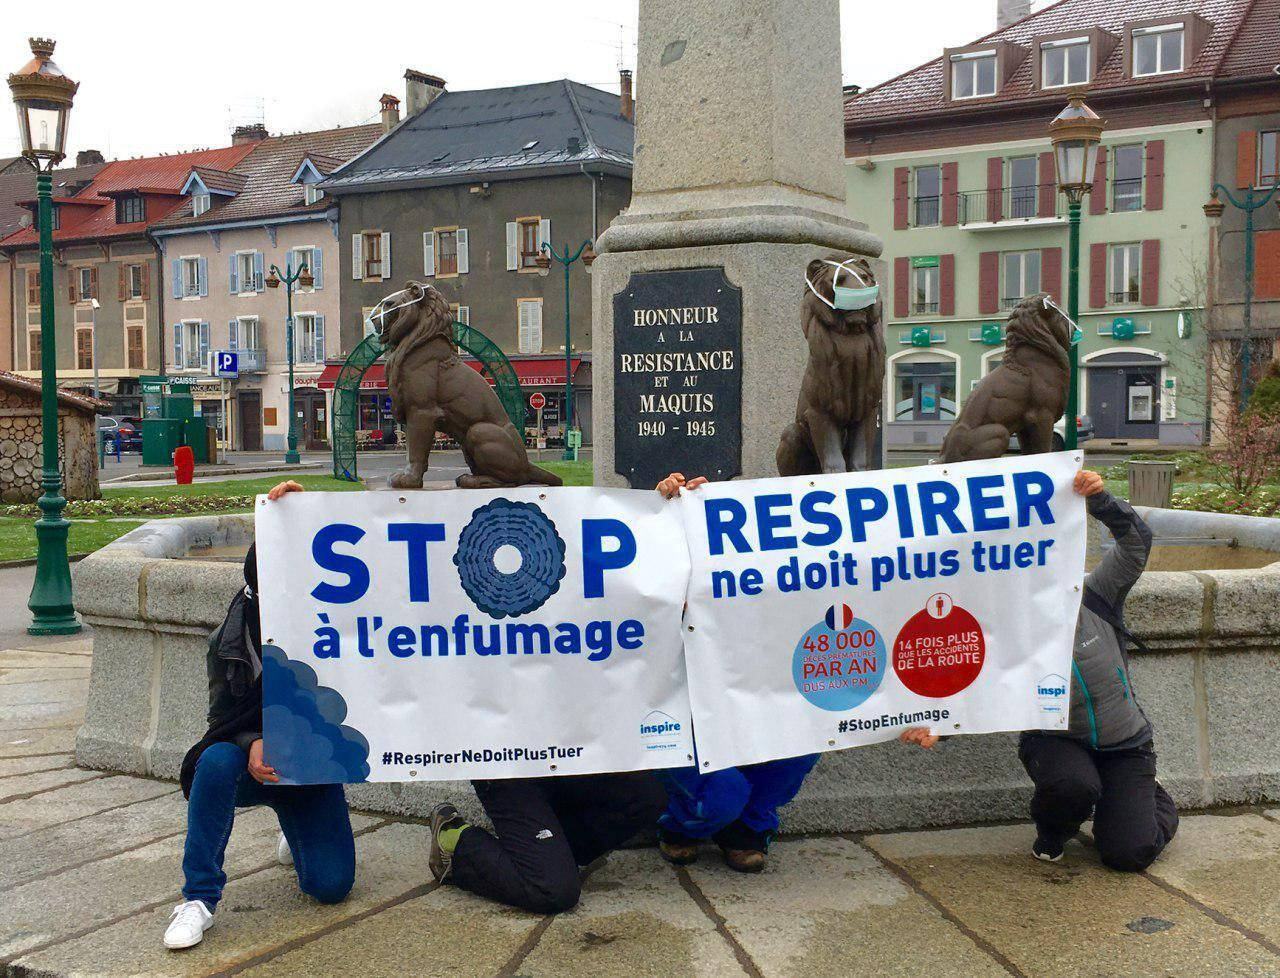 """A ONG """"Réseau Action Climat e mais 22 associações (incluindo Greenpeace, WWF, Fundação para a Natureza e Oxfam) se engajam no debate sobre o aumento do preço dos combustíveis."""